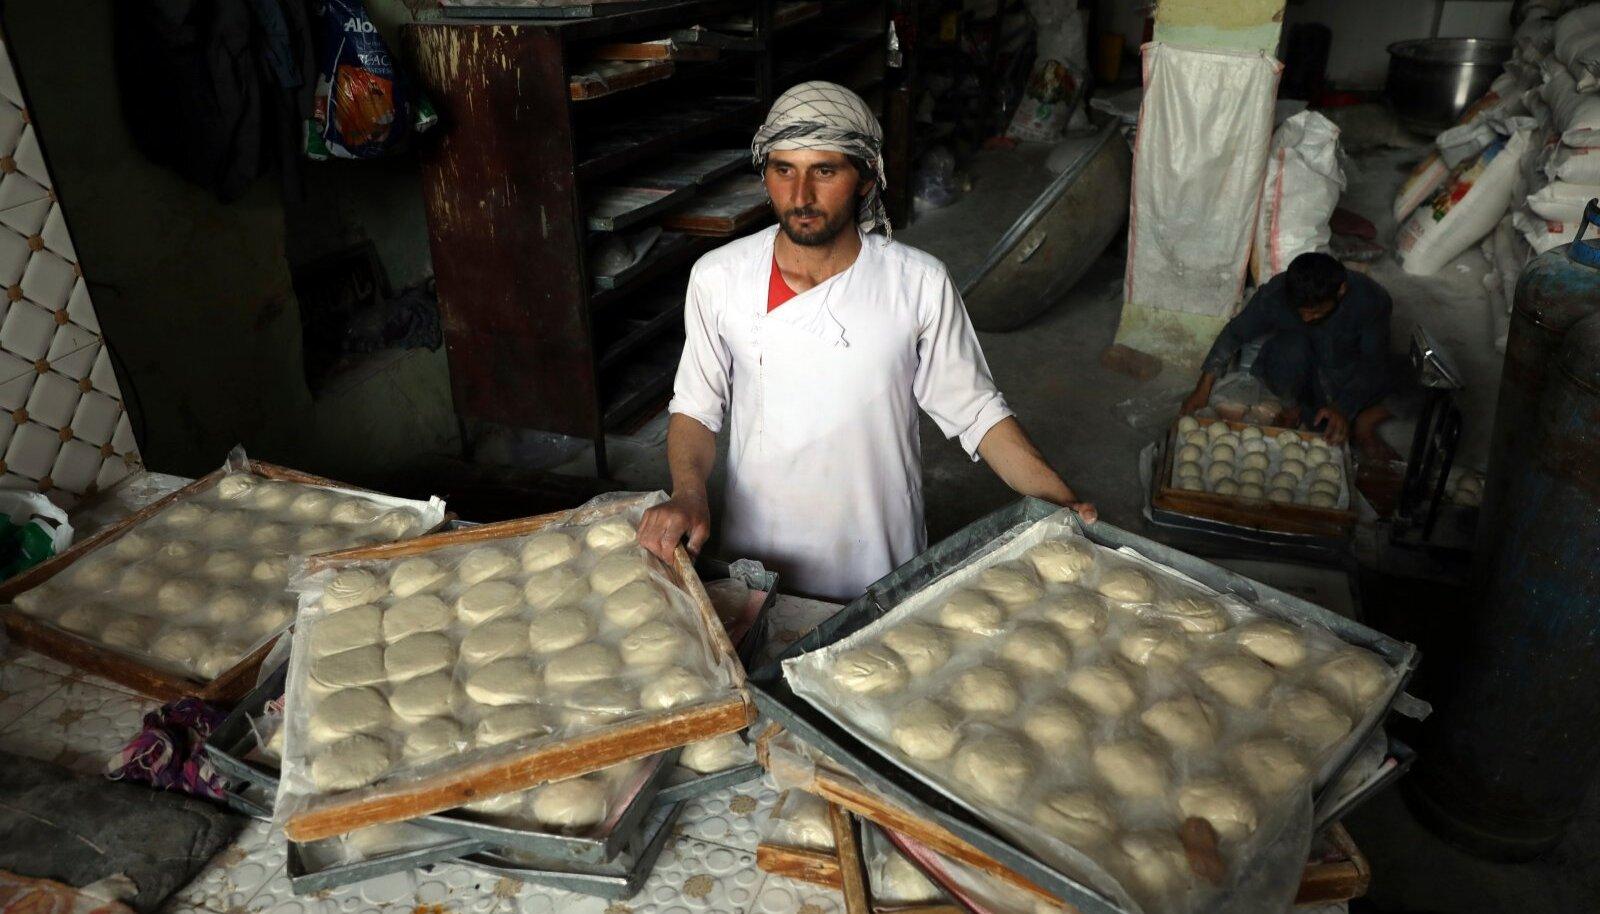 Tavalistele afgaanidele võib selle Kabuli pagariäri toodang muutuda varsti liiga kalliks.